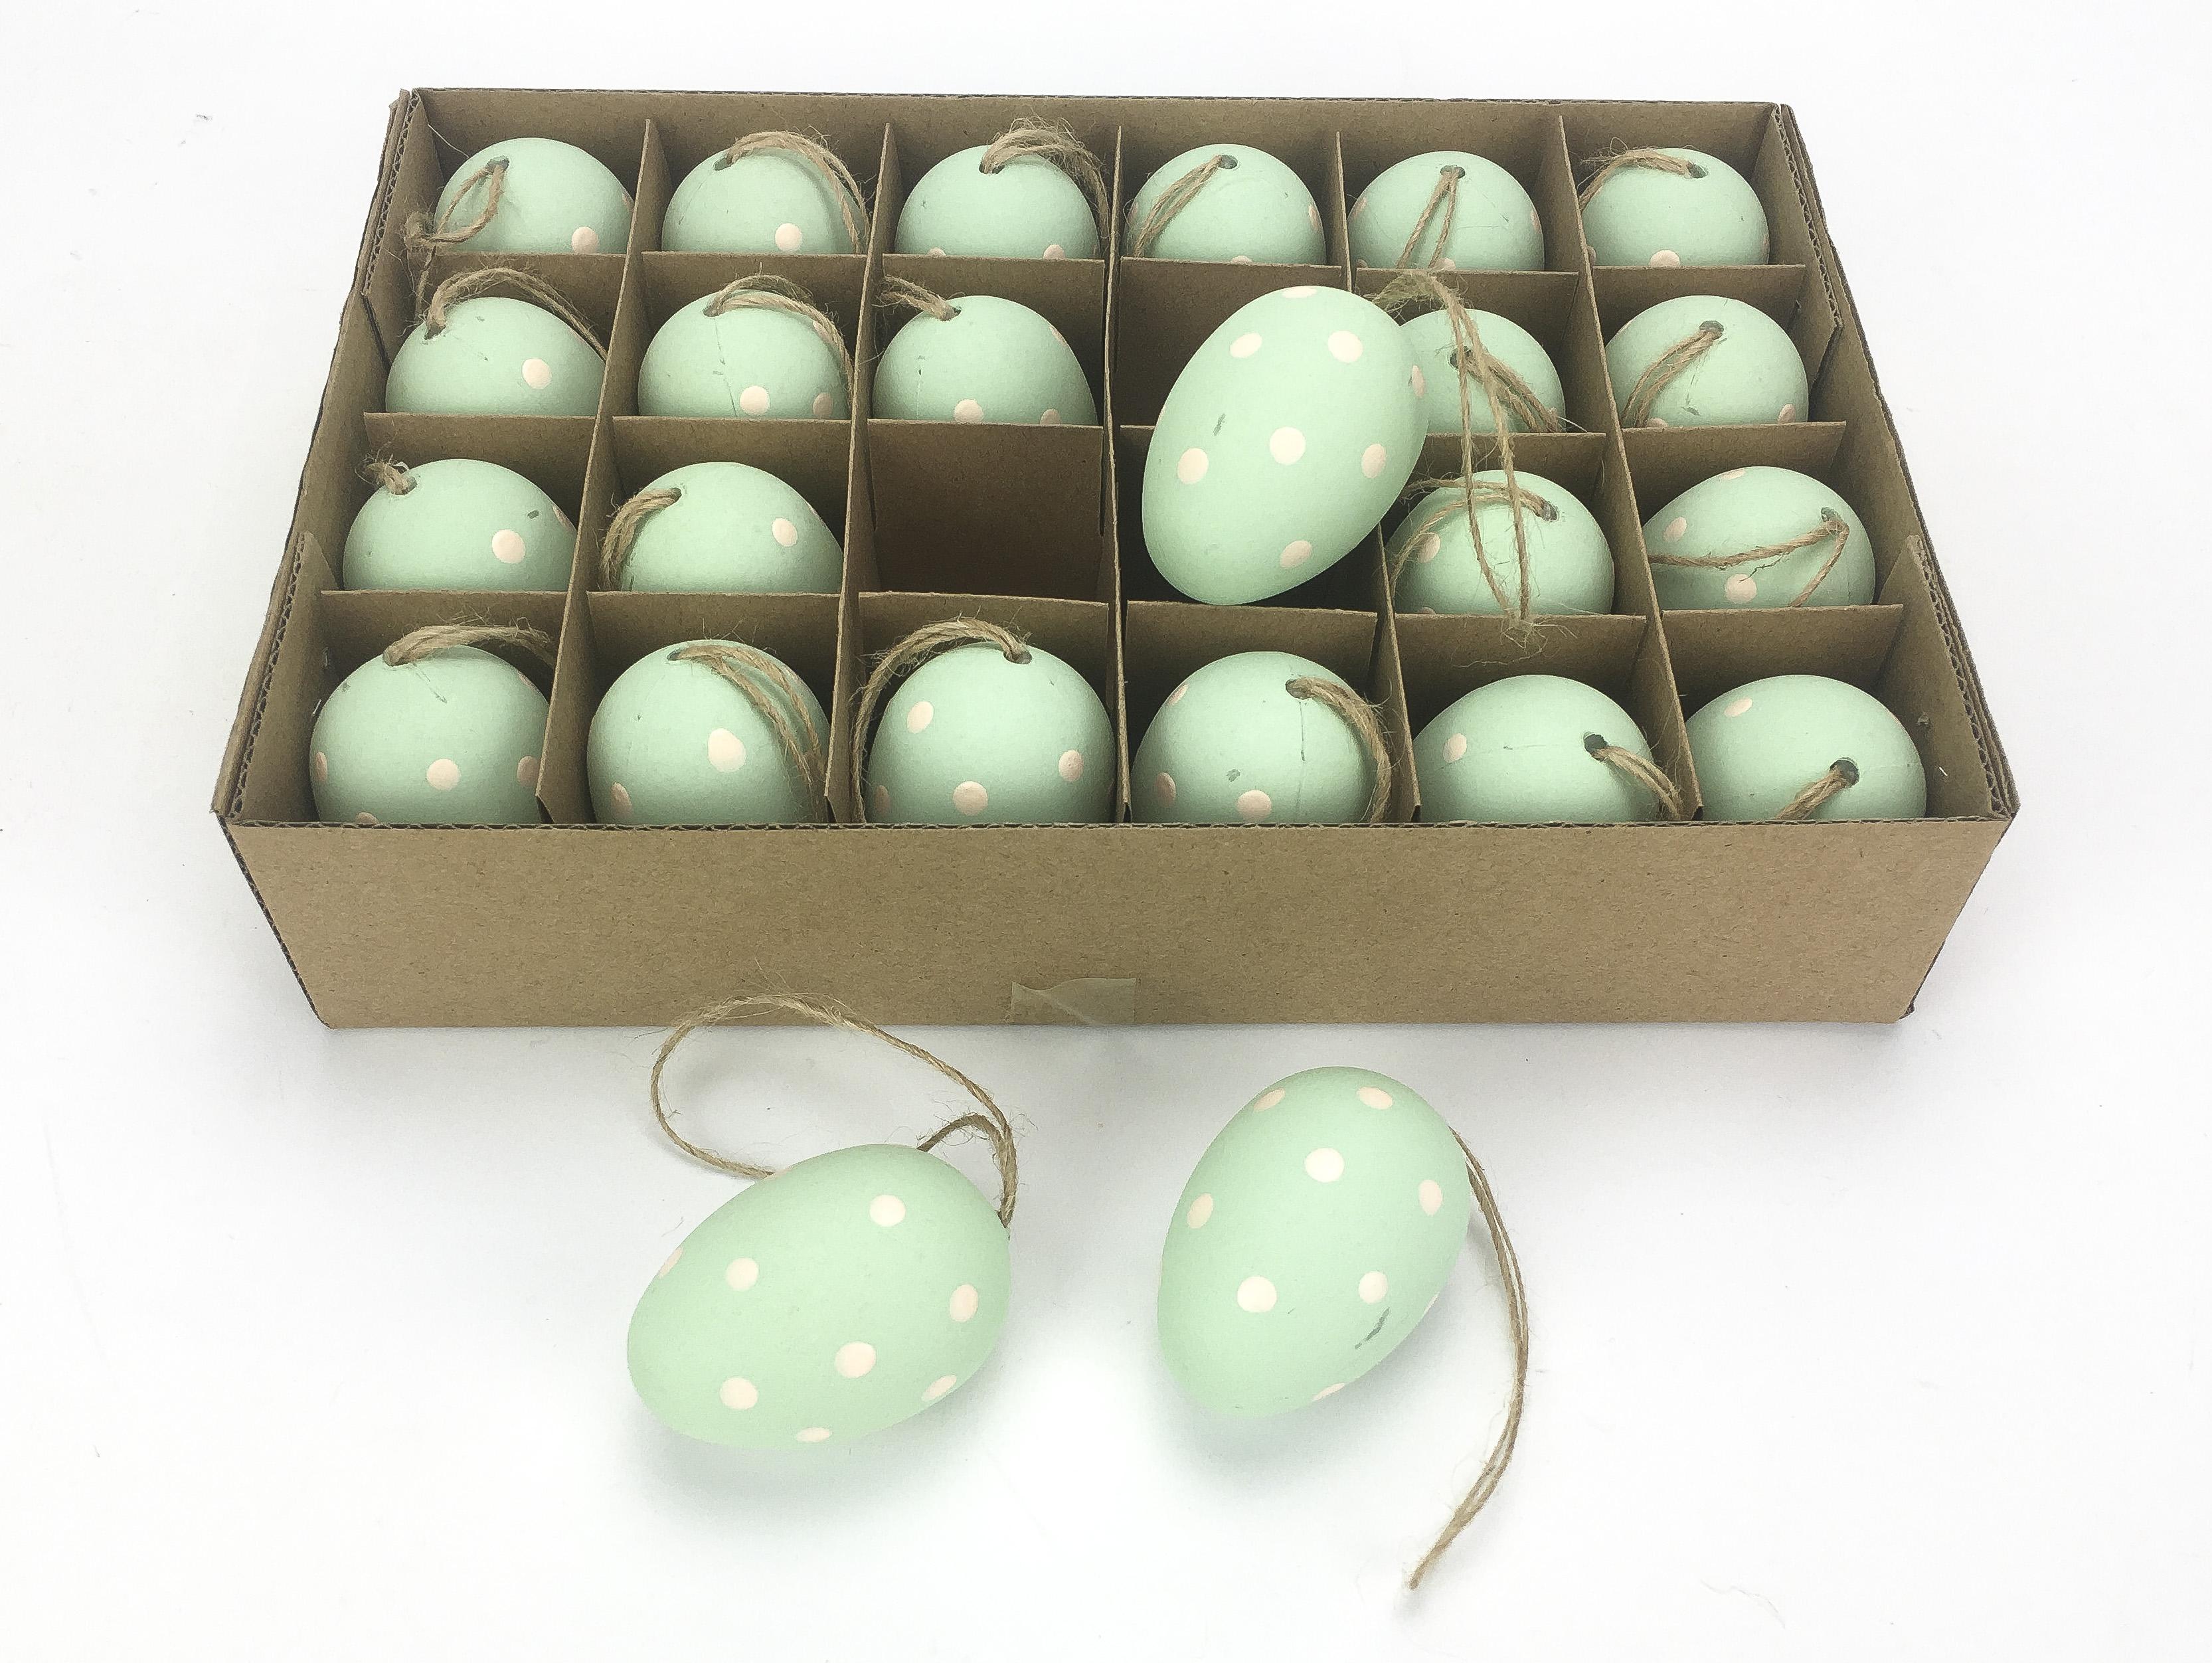 Nem maró tojás - Ez történik veled, ha tojást eszel